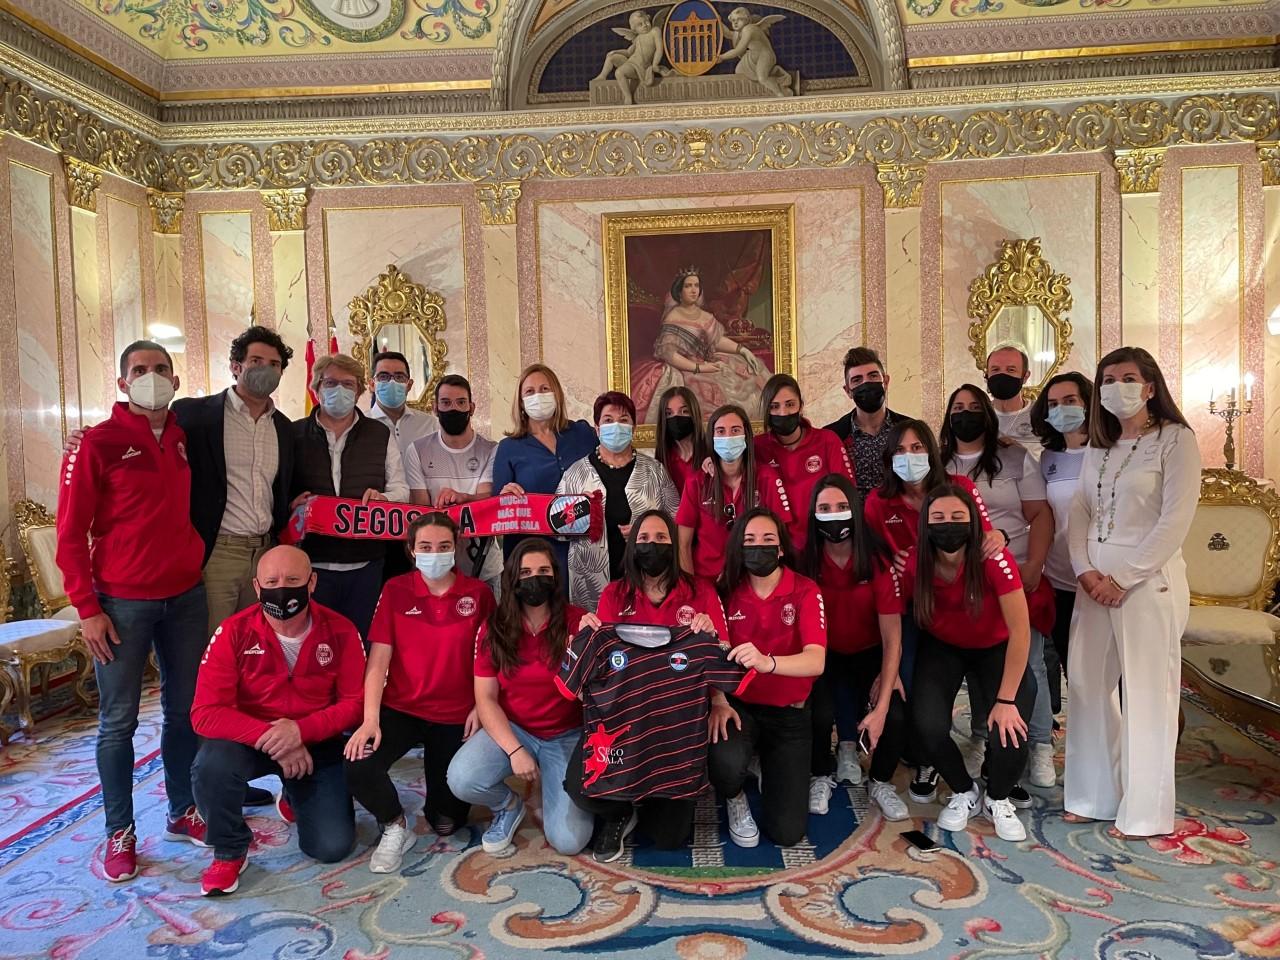 Recepción en el Ayuntamiento de Segovia al Equipo Femenino de C.D. Segosala